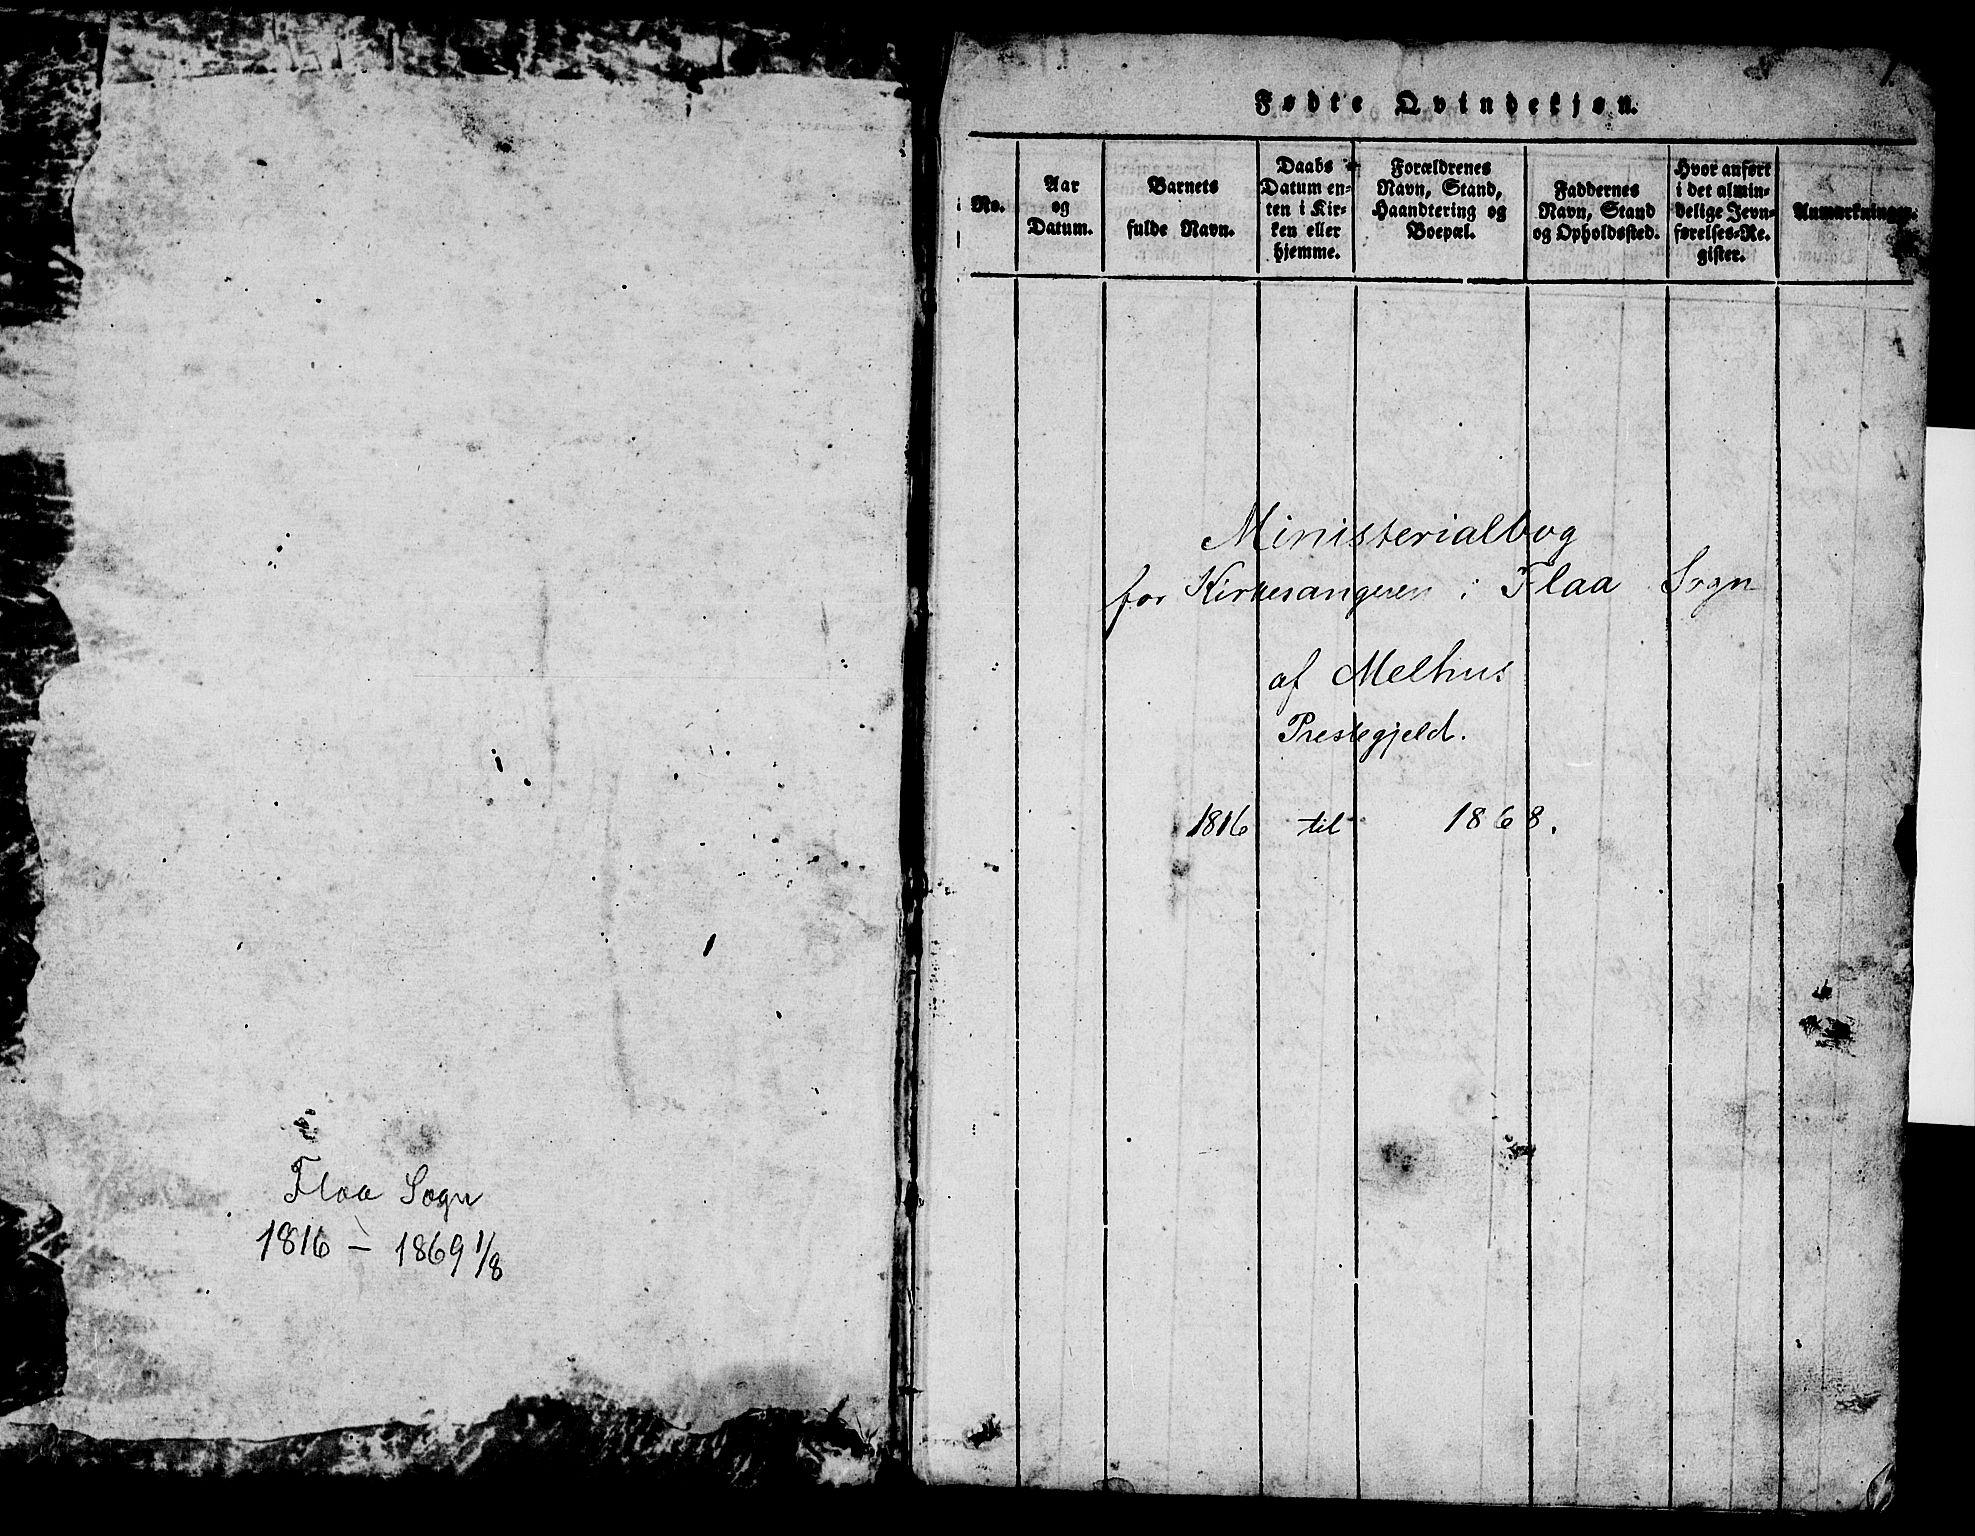 SAT, Ministerialprotokoller, klokkerbøker og fødselsregistre - Sør-Trøndelag, 693/L1121: Klokkerbok nr. 693C02, 1816-1869, s. 1